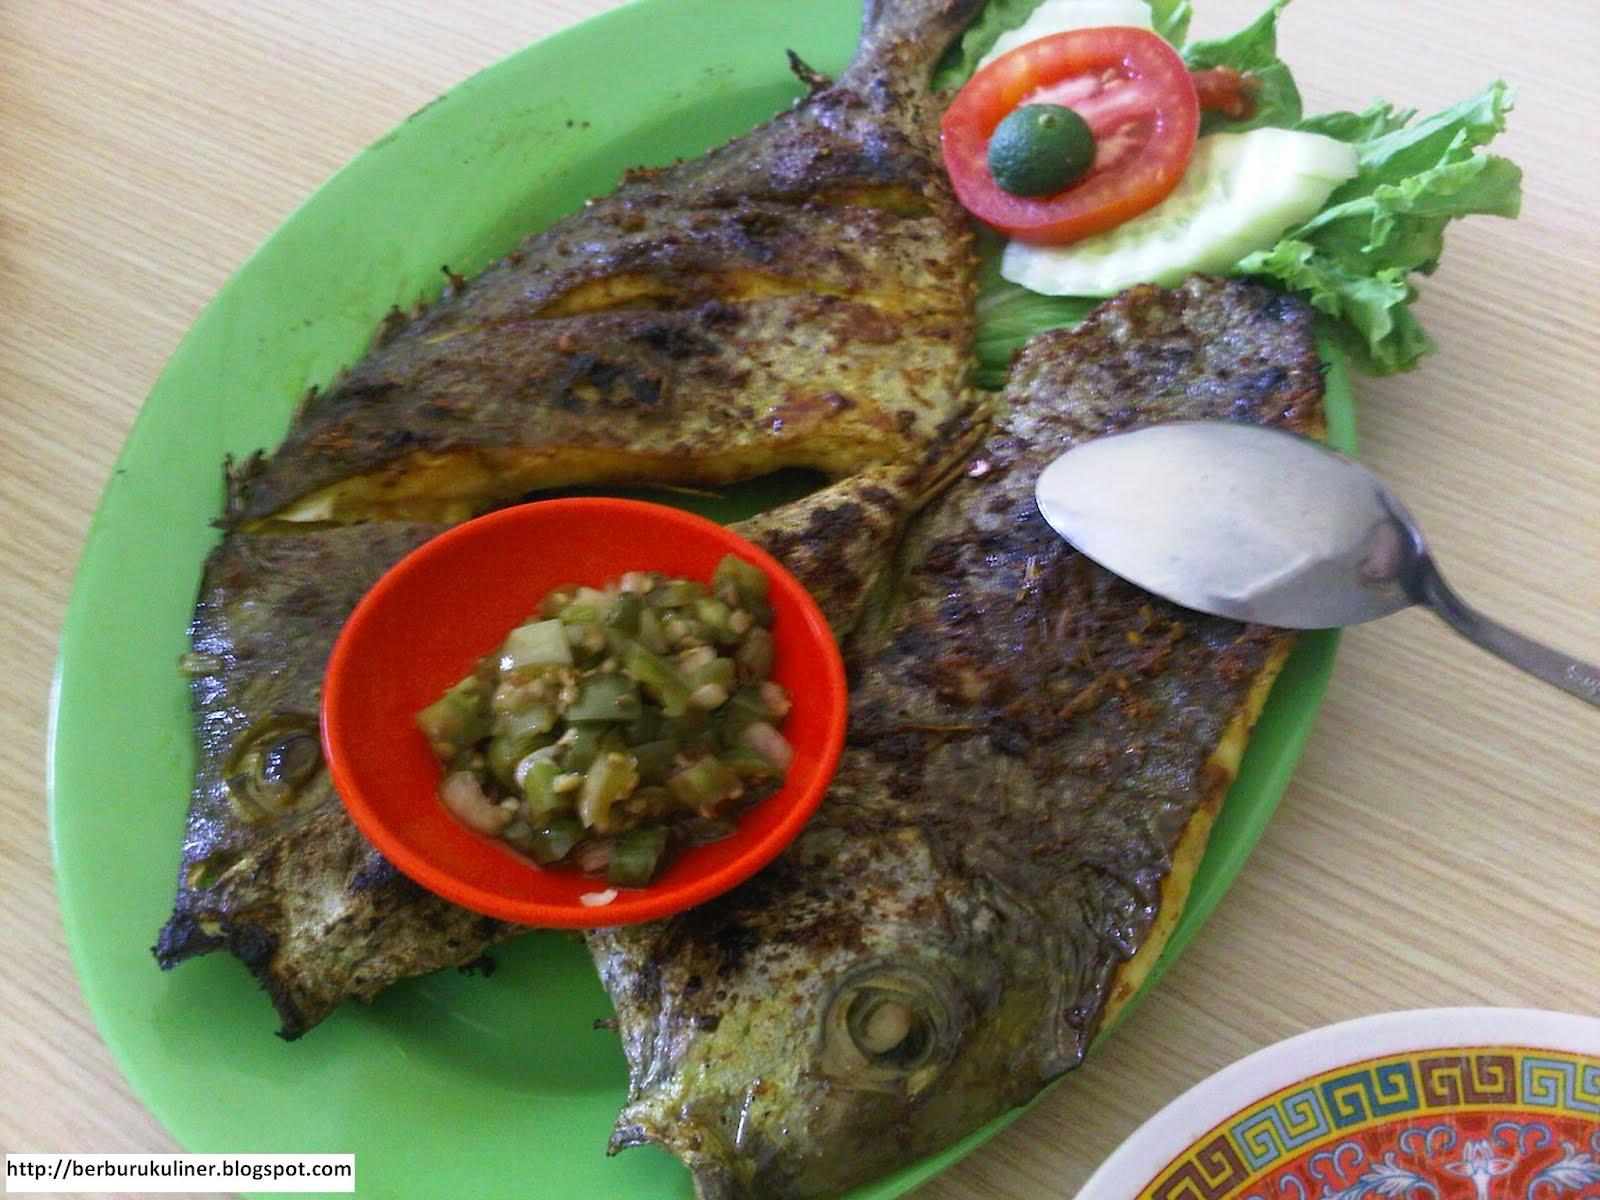 Berburu Kuliner 2012 Keripik Ubi By 3 Dara Pgp Ada Ikan Bakar Kuwe Dengan Harga Rp 15000 Per Onns Kerang Rebus 12000 Porsi Udang Pancet